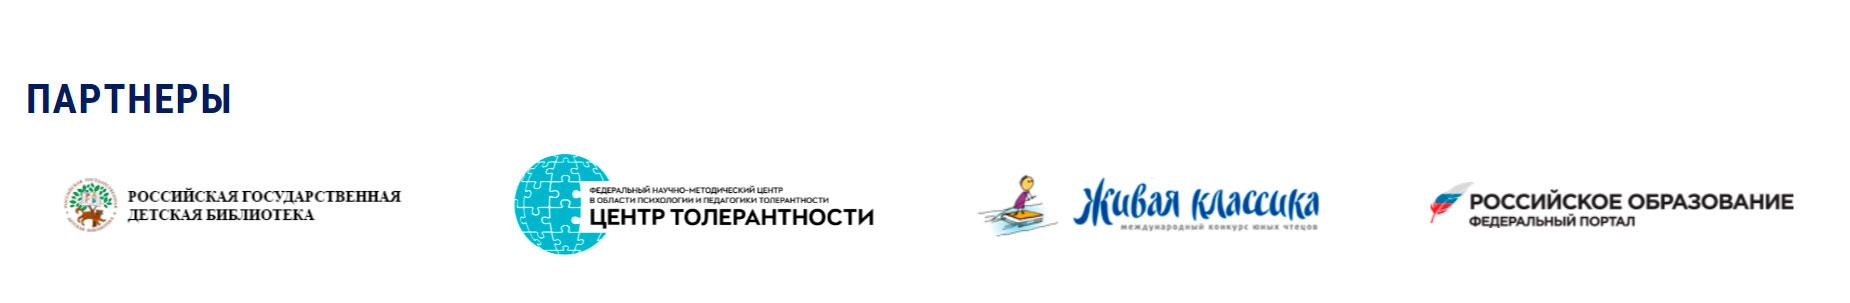 Всероссийский конкурс сочинений для школьников России